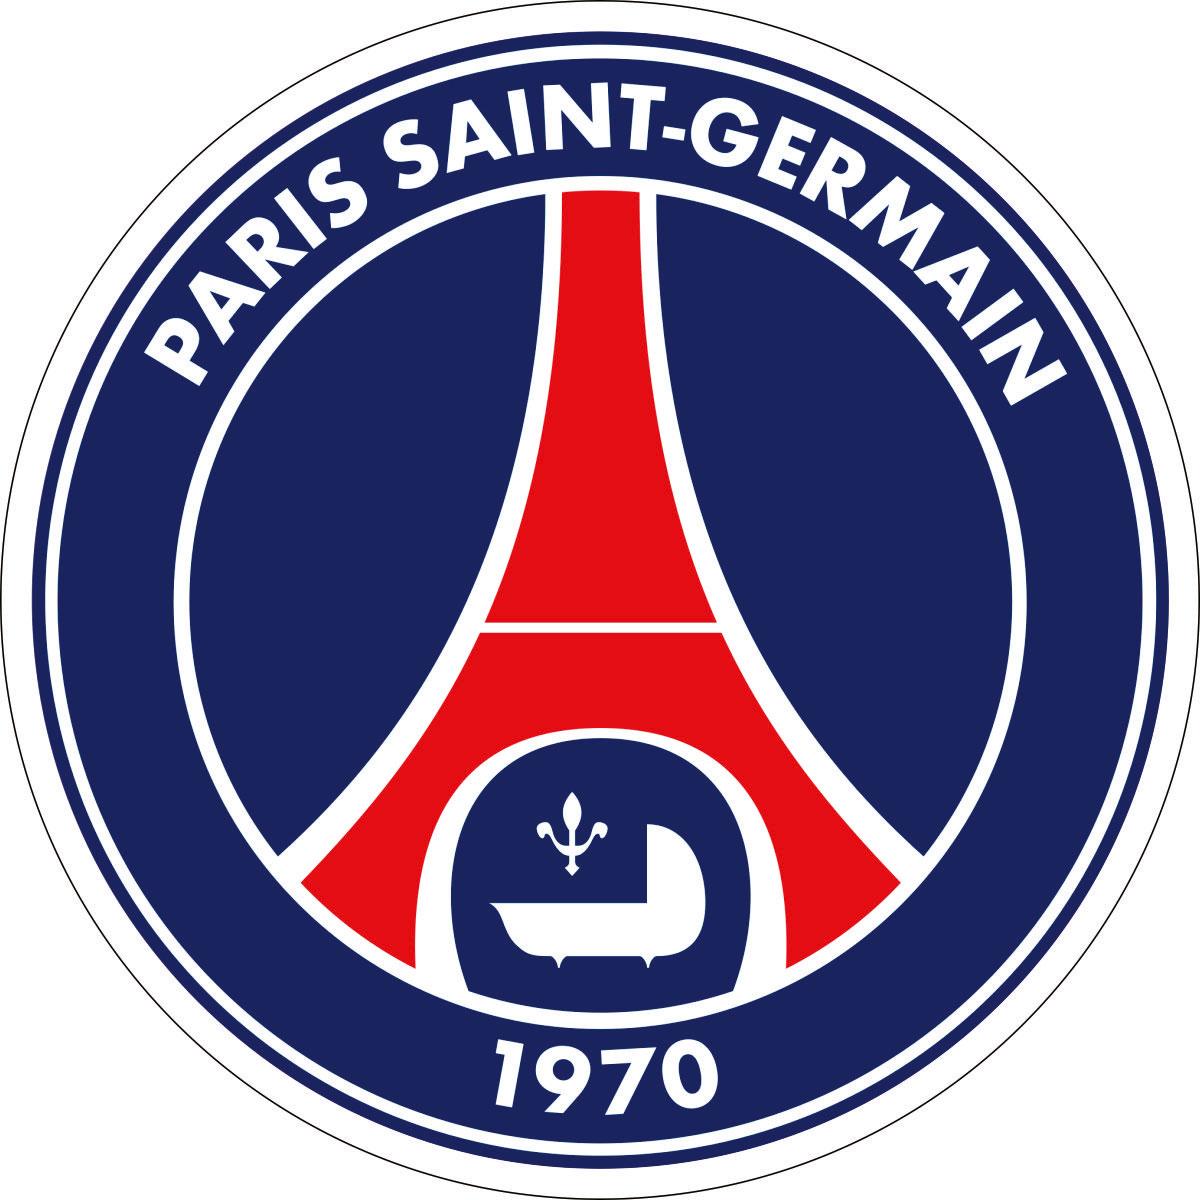 Наклейка автомобильная Оранжевый слоник Paris-Saint-Germain, виниловая, цвет: синий, красный